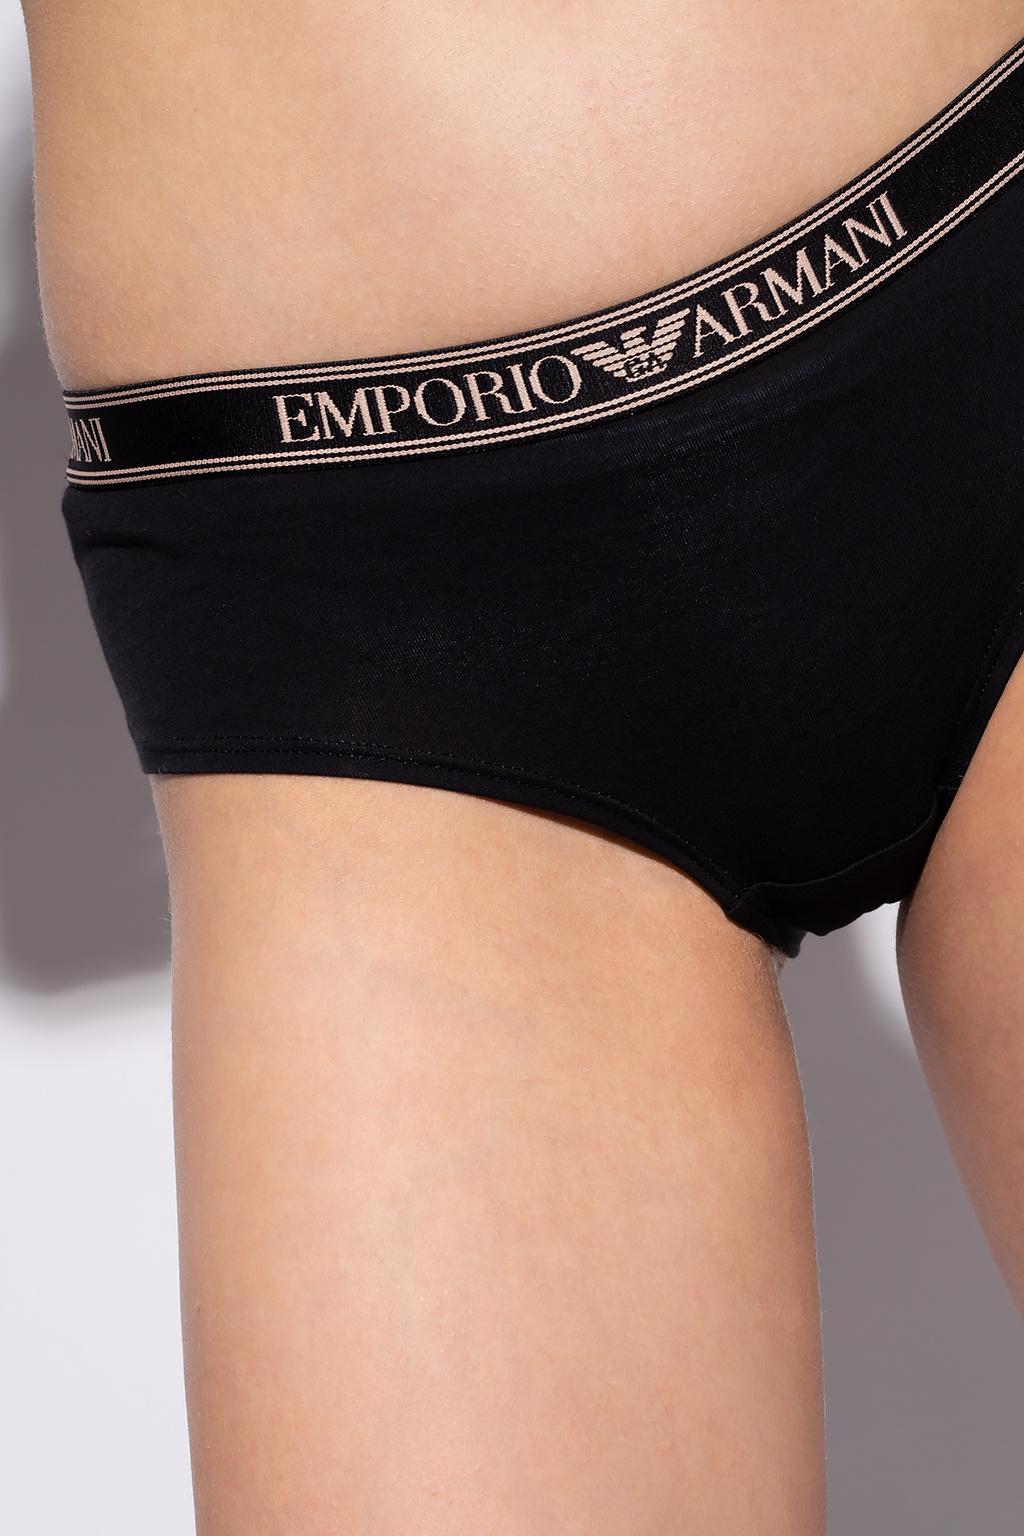 Emporio Armani Briefs with logo